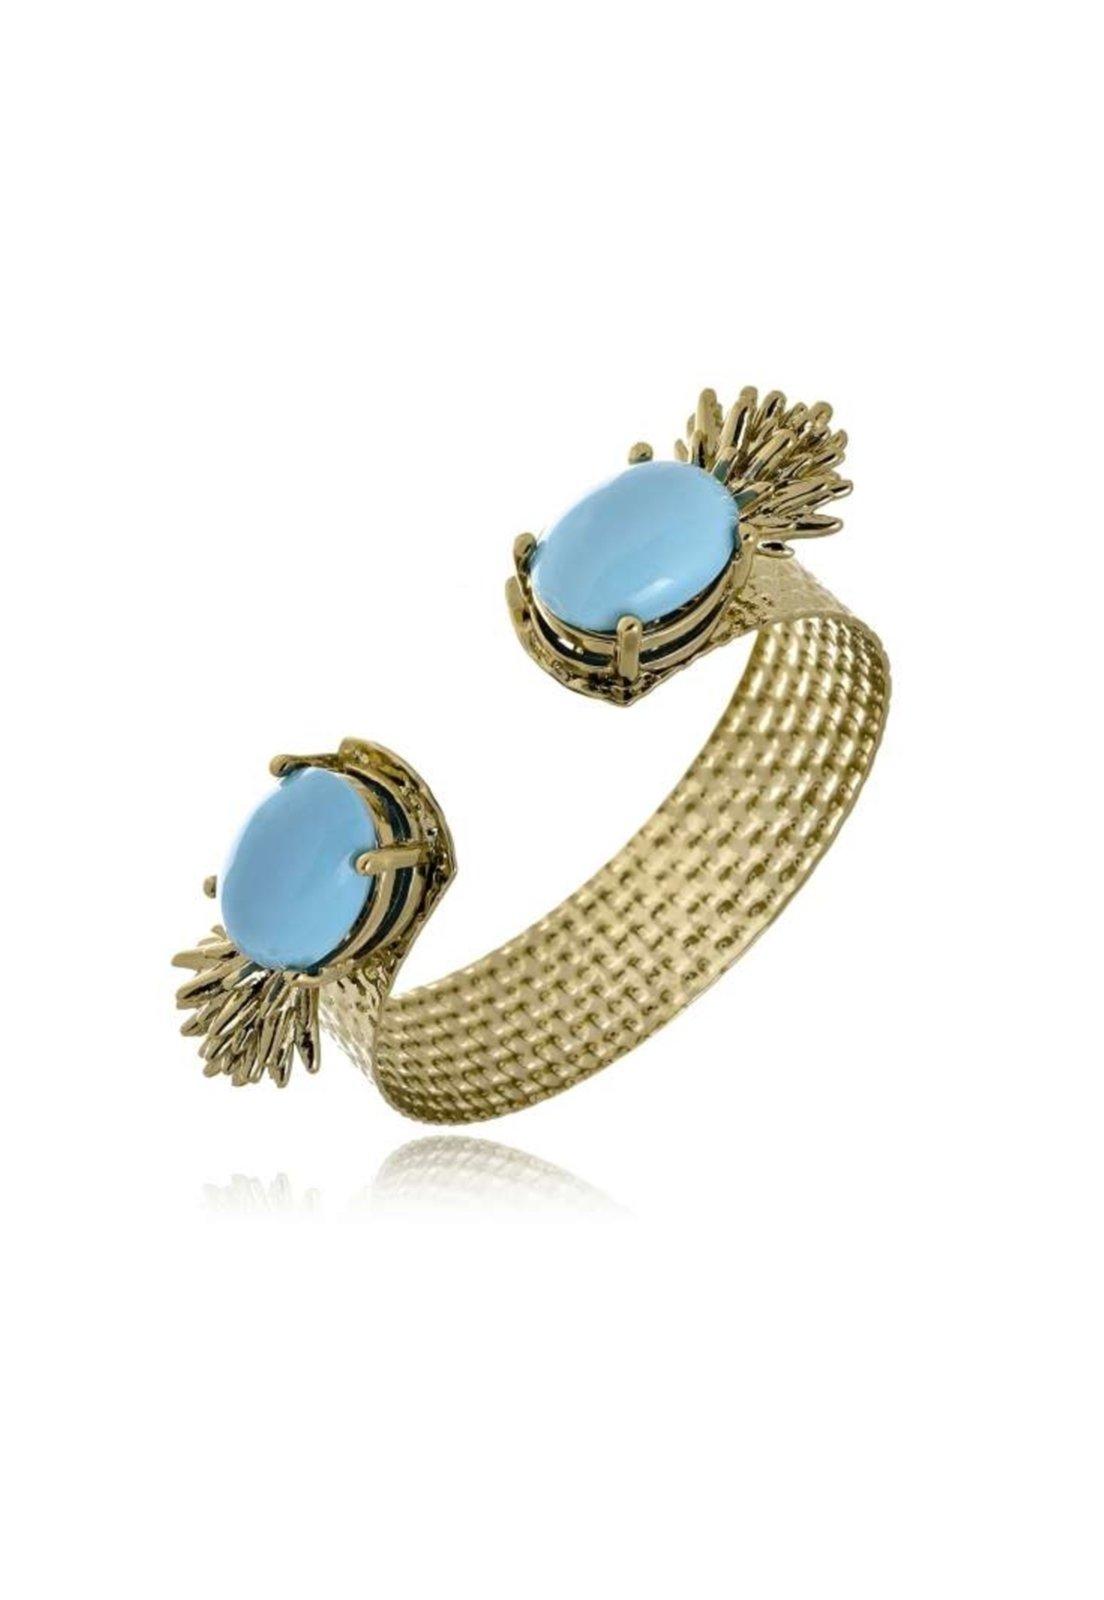 Bracelete Le Diamond Carmem Aro Batido Dourado - Marca Le Diamond